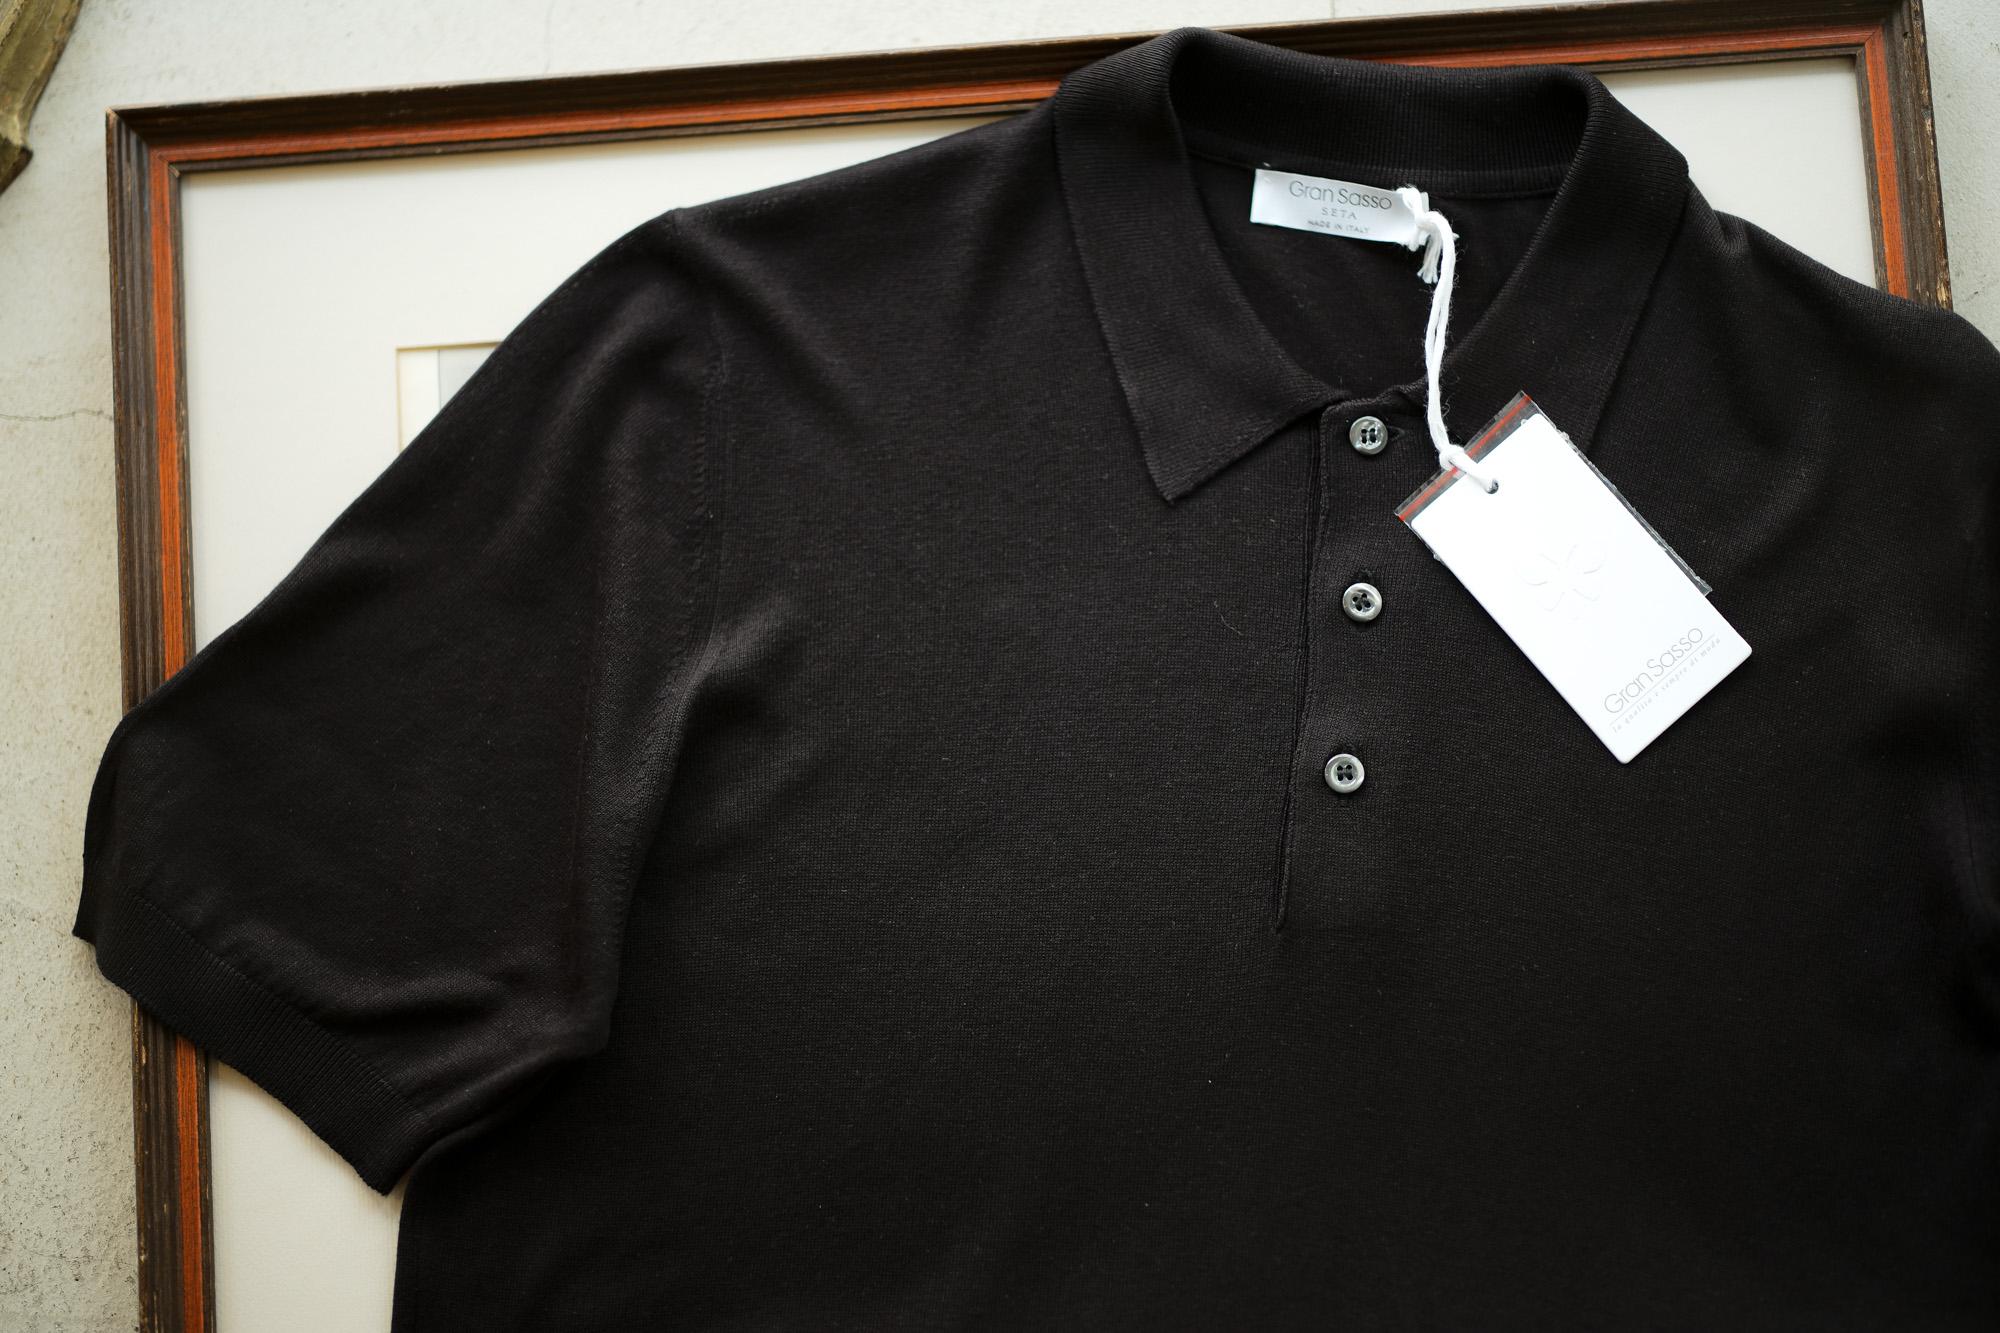 Gran Sasso (グランサッソ) Silk Knit Polo Shirt (シルクニット ポロシャツ) SETA (シルク 100%) シルク ニット ポロシャツ BLACK (ブラック・099) made in italy (イタリア製) 2019 春夏新作 gransasso 愛知 名古屋 altoediritto アルトエデリット